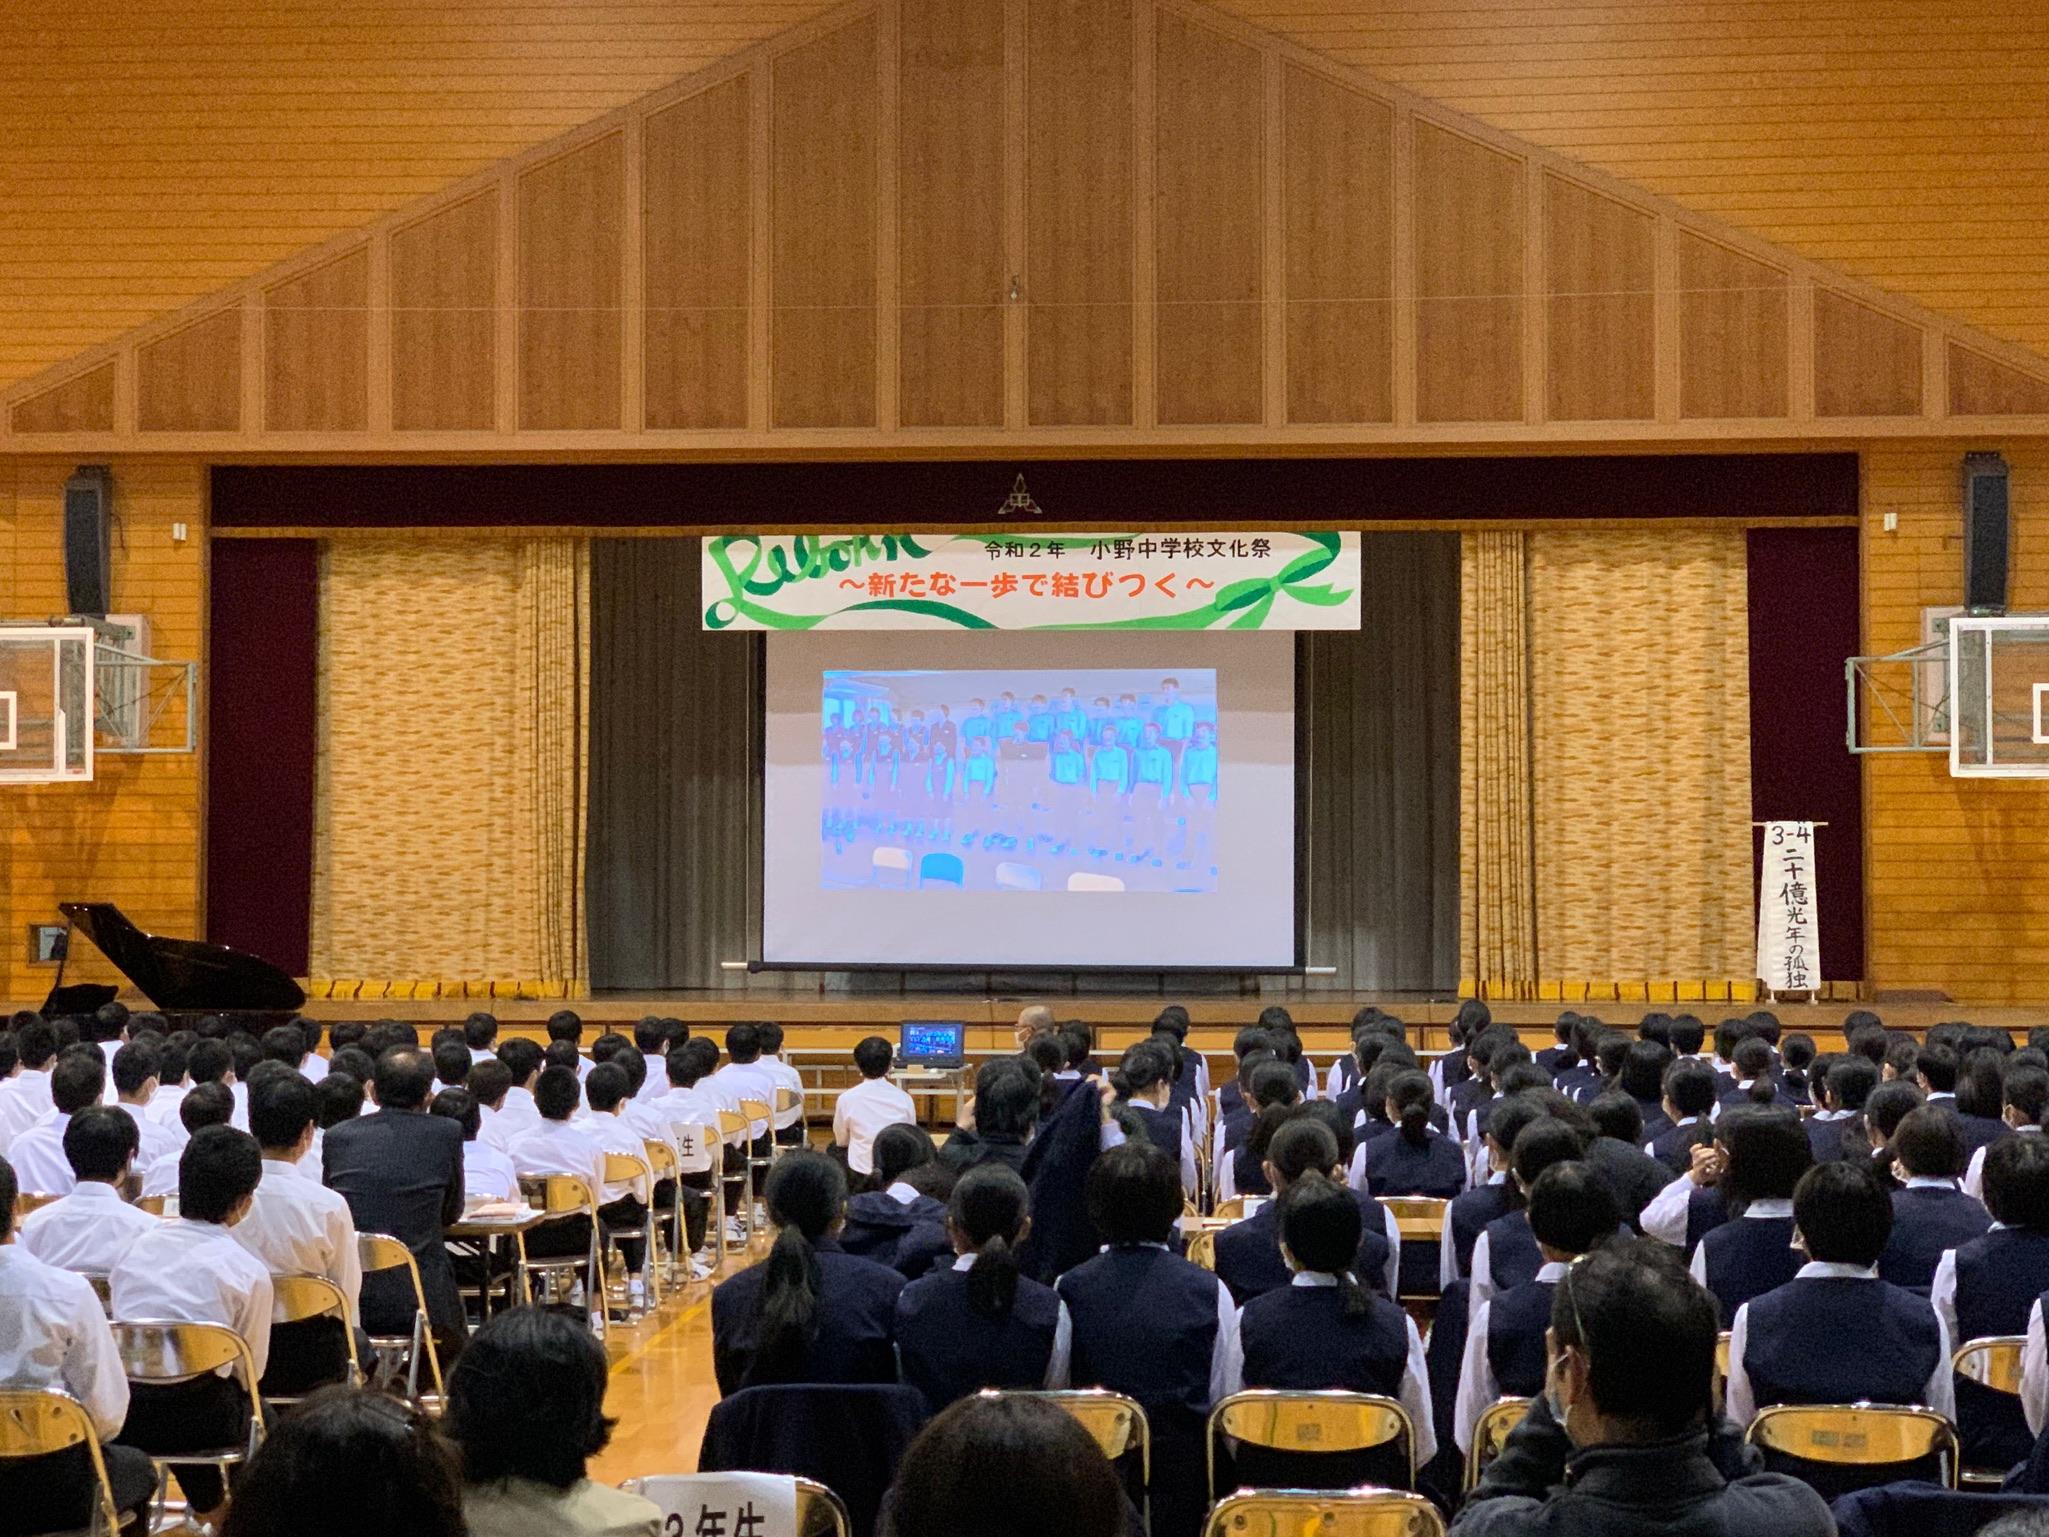 中学校文化祭